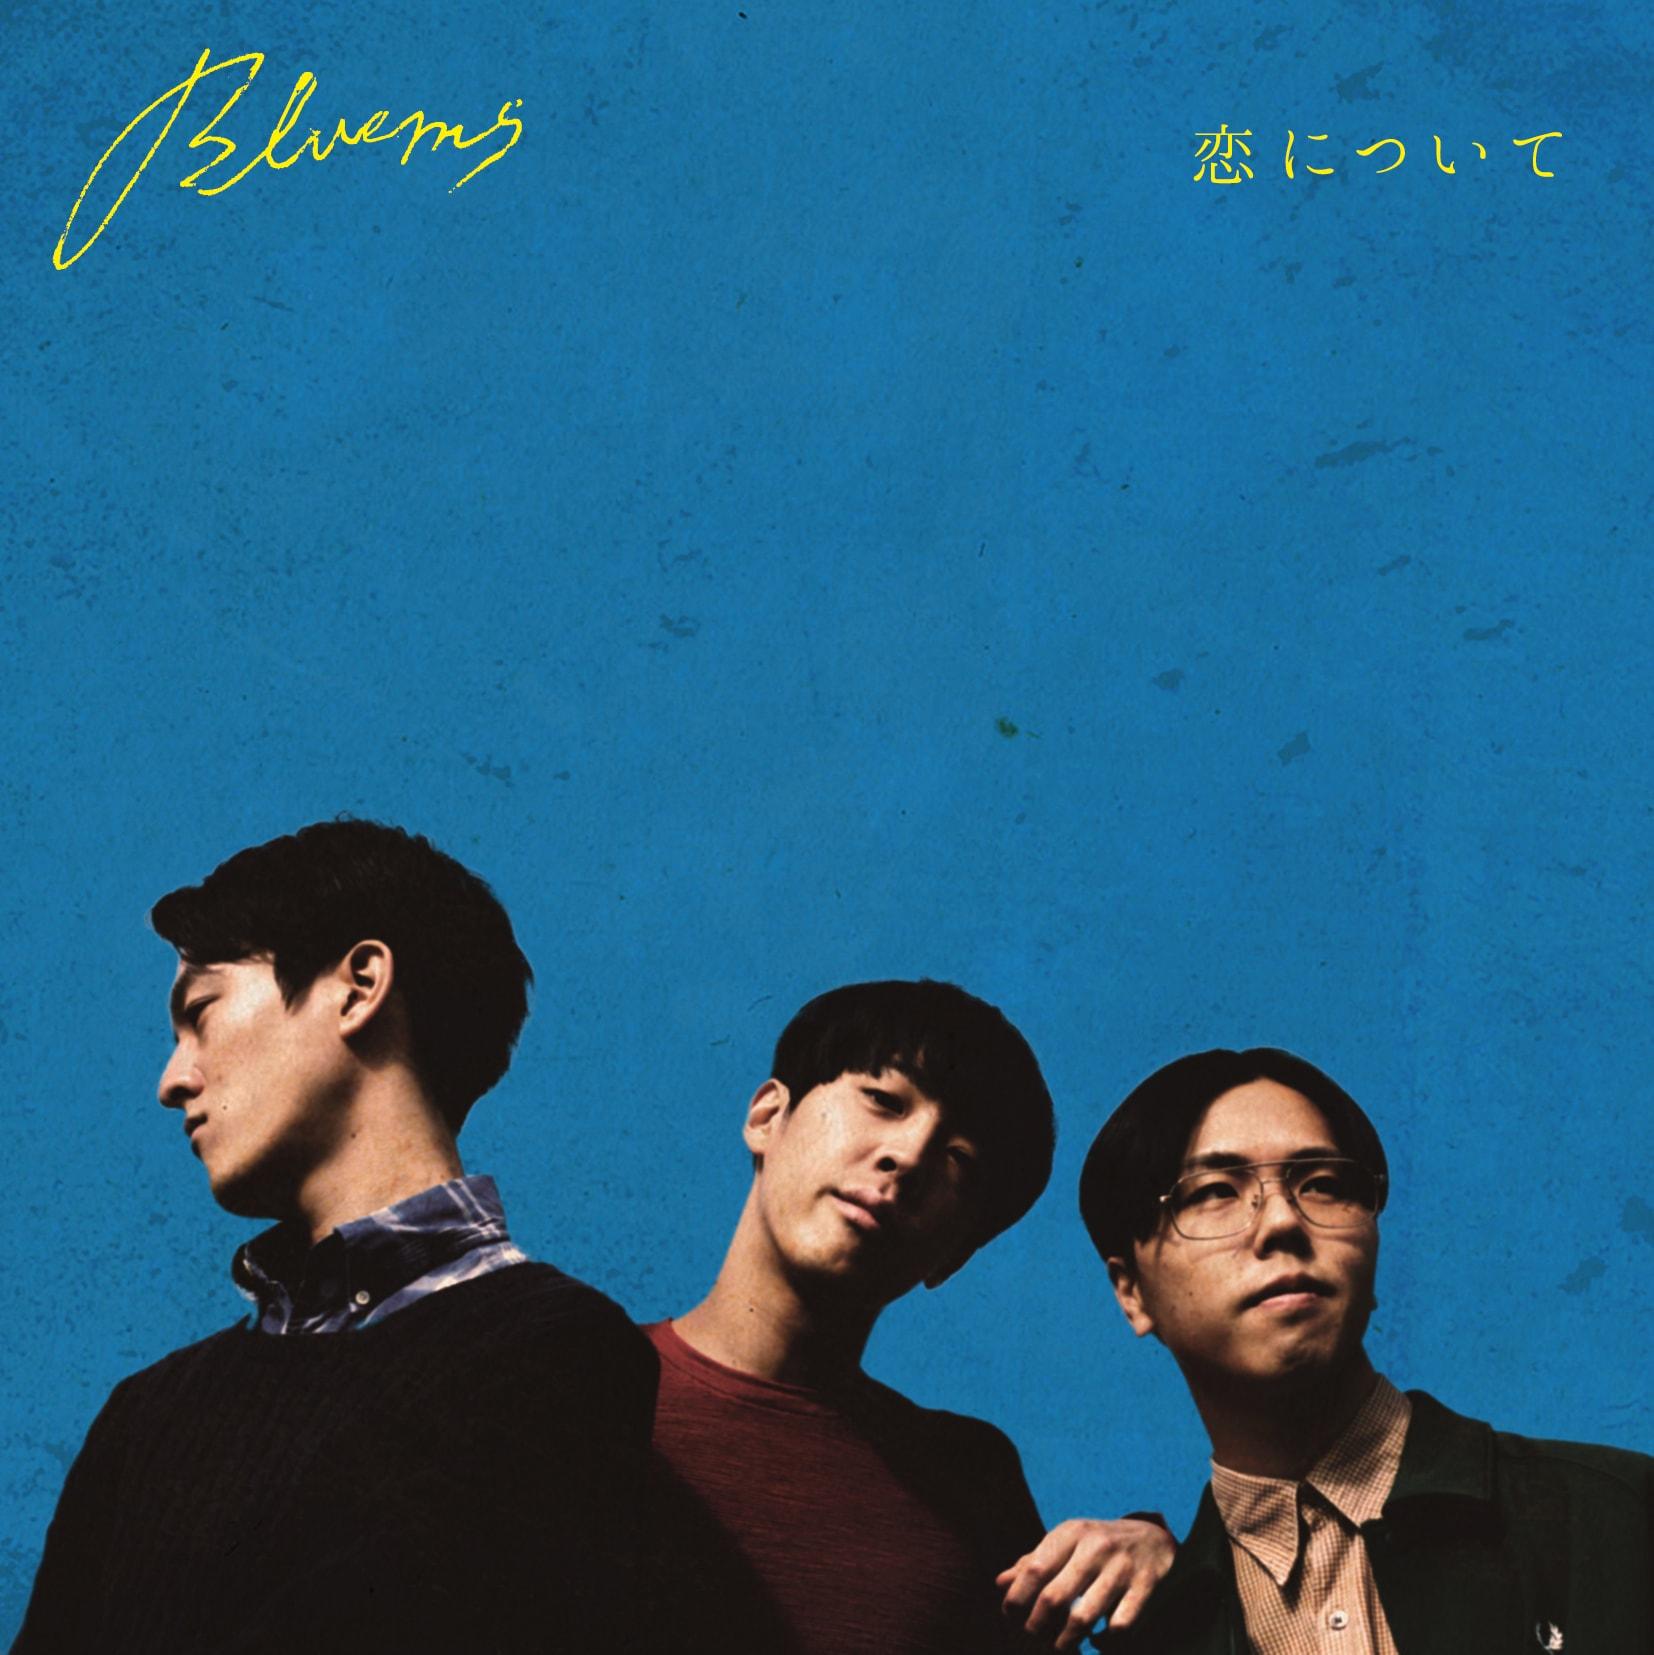 Bluems_恋について